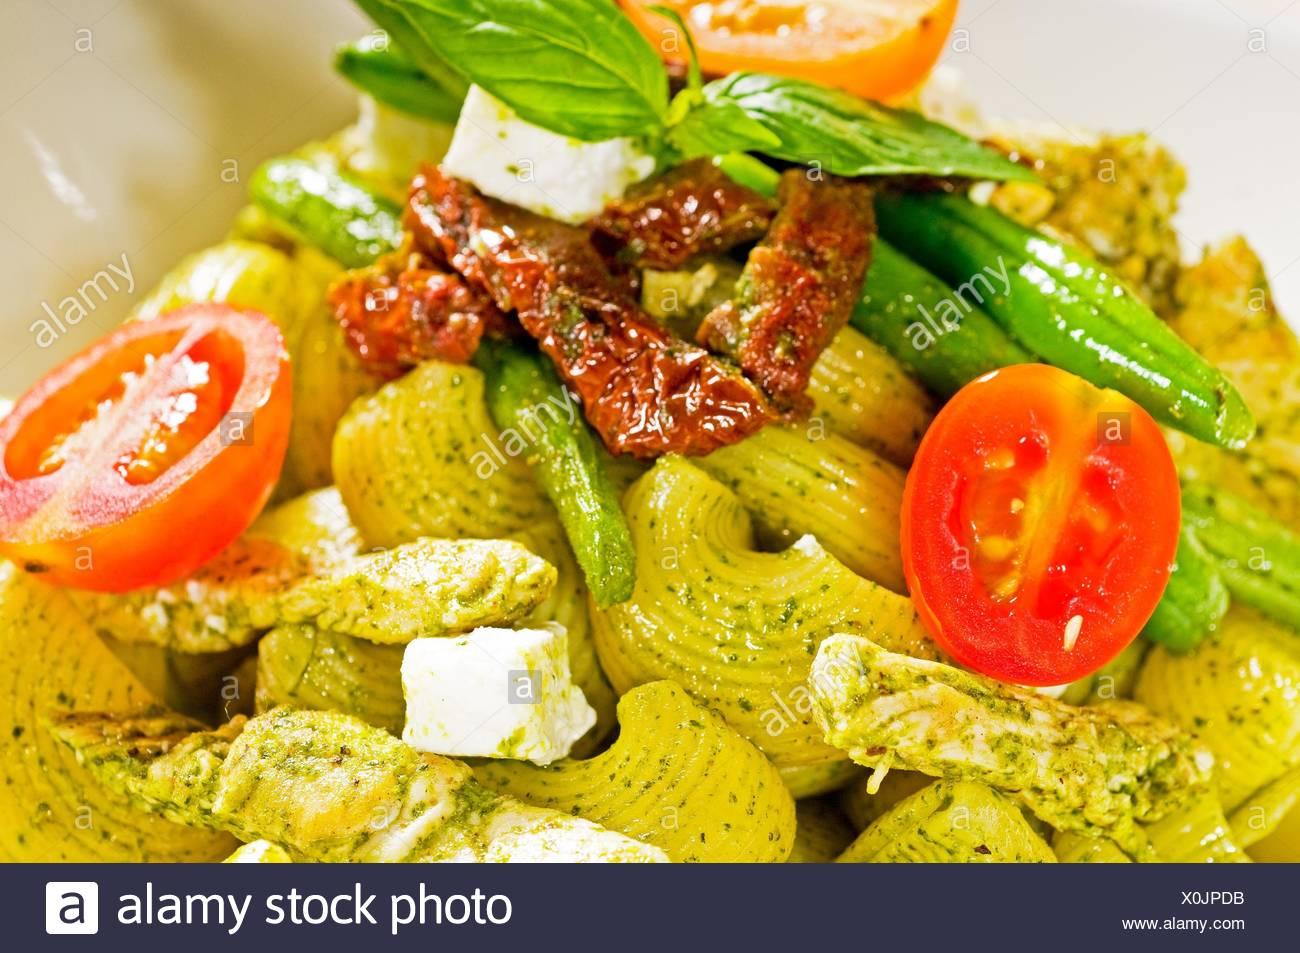 Pâtes fraîches lumaconi et sauce pesto de légumes et tomates séchées,cuisine italienne typique. Photo Stock